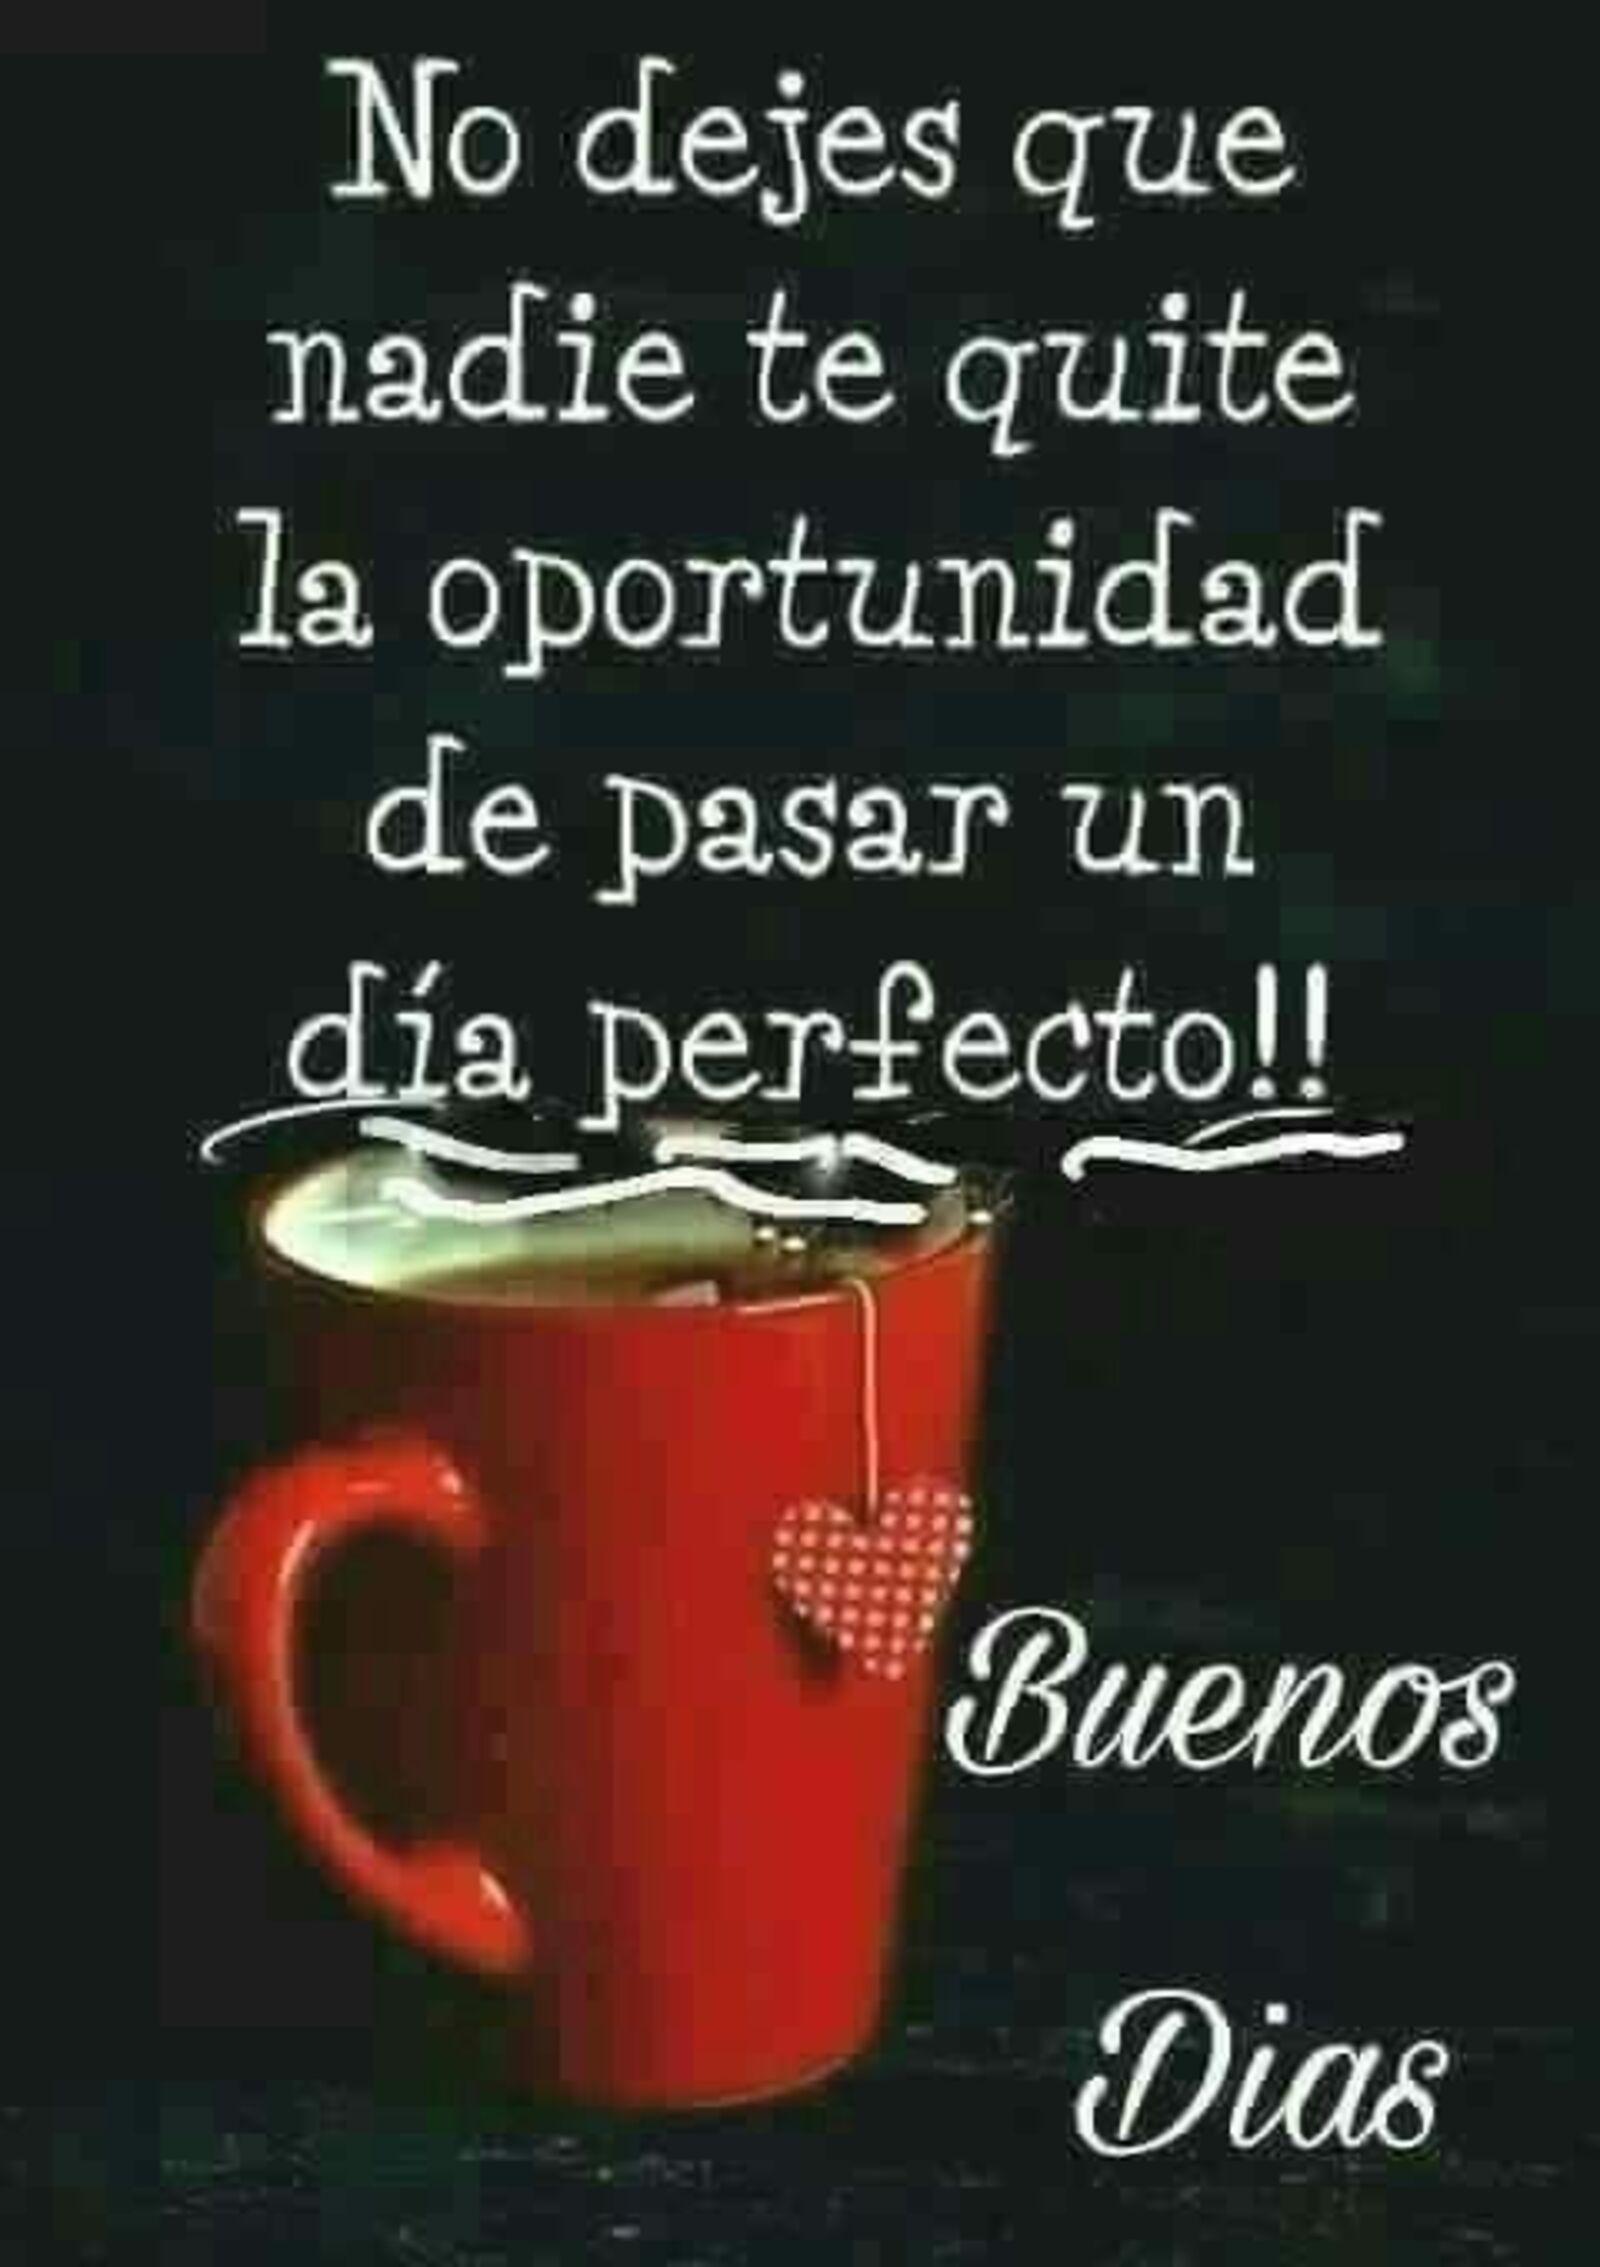 No dejes que nadie te quite la oportunidad de pasar un día perfecto!! Buenos días